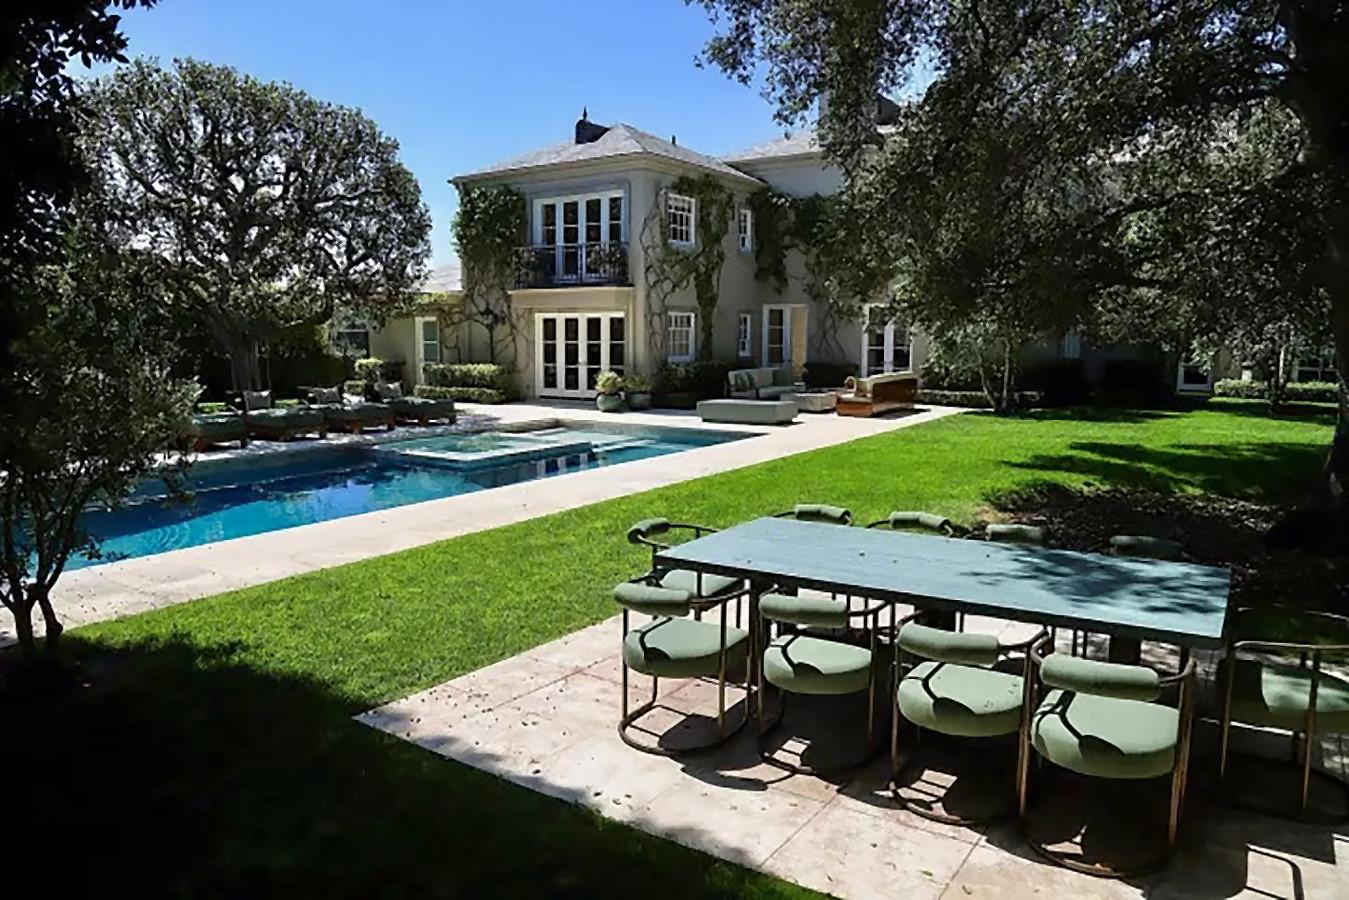 Het huis van Elon Musk van Tesla in Bel Air (Los Angeles) telt maar liefst zeven slaapkamers en elf badkamers.